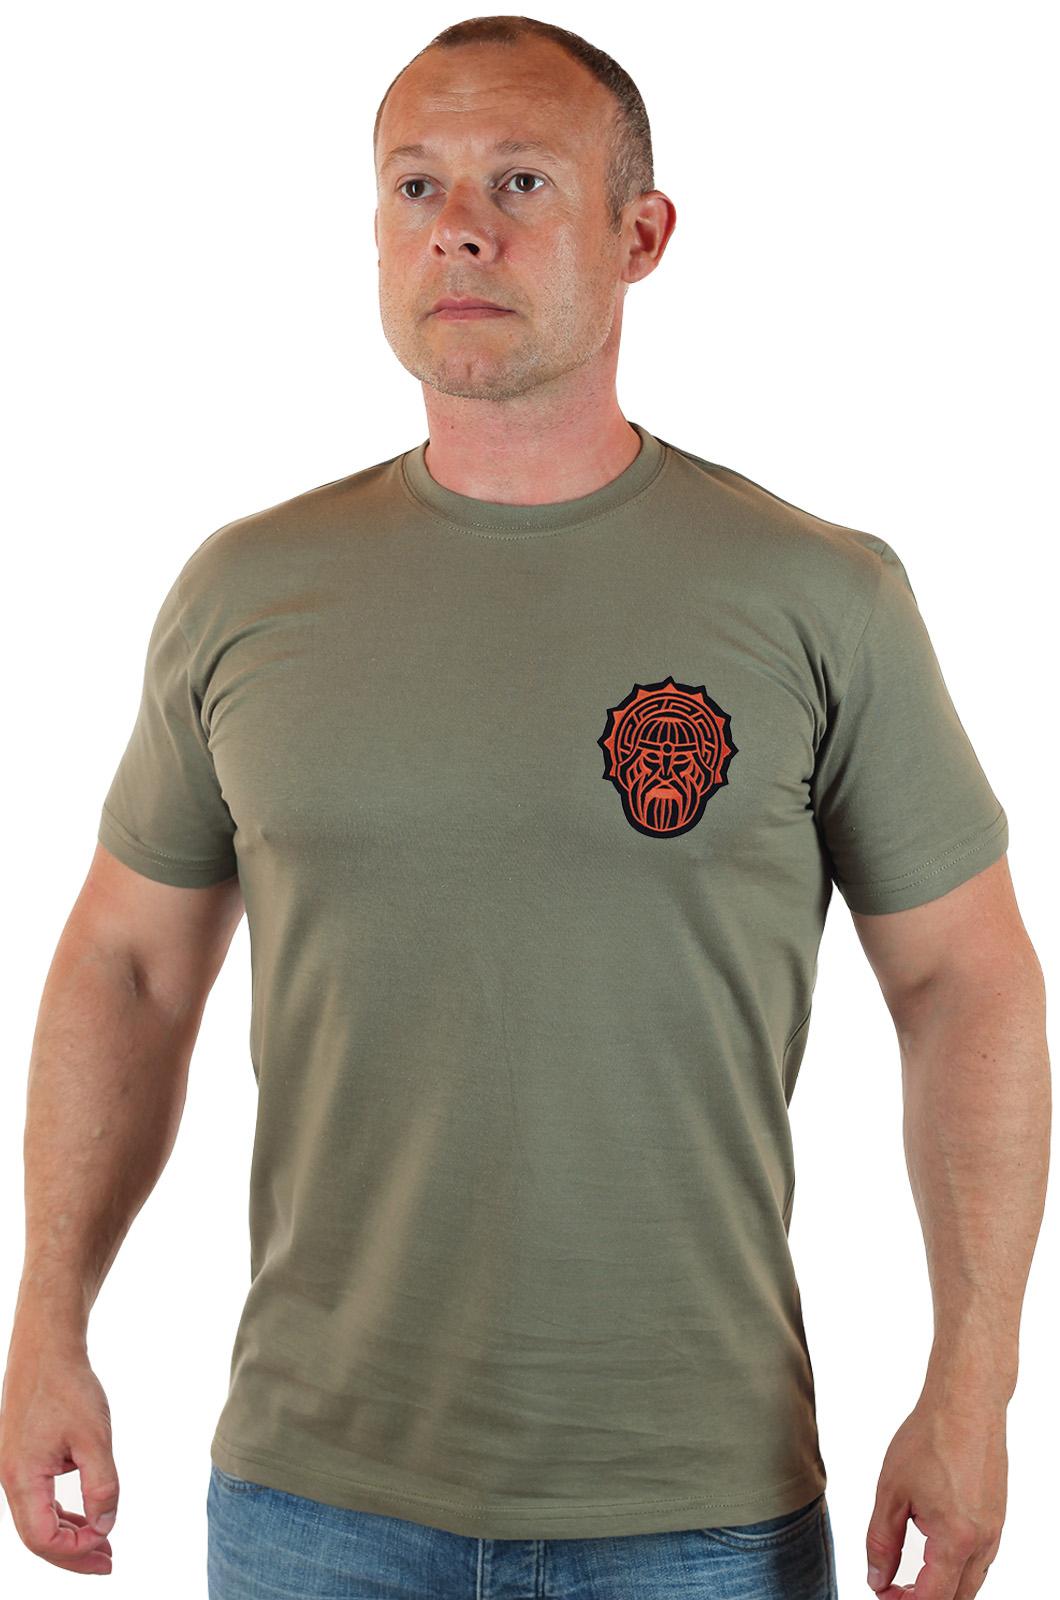 Купить мужскую футболку с символом славянского Бога Сварога